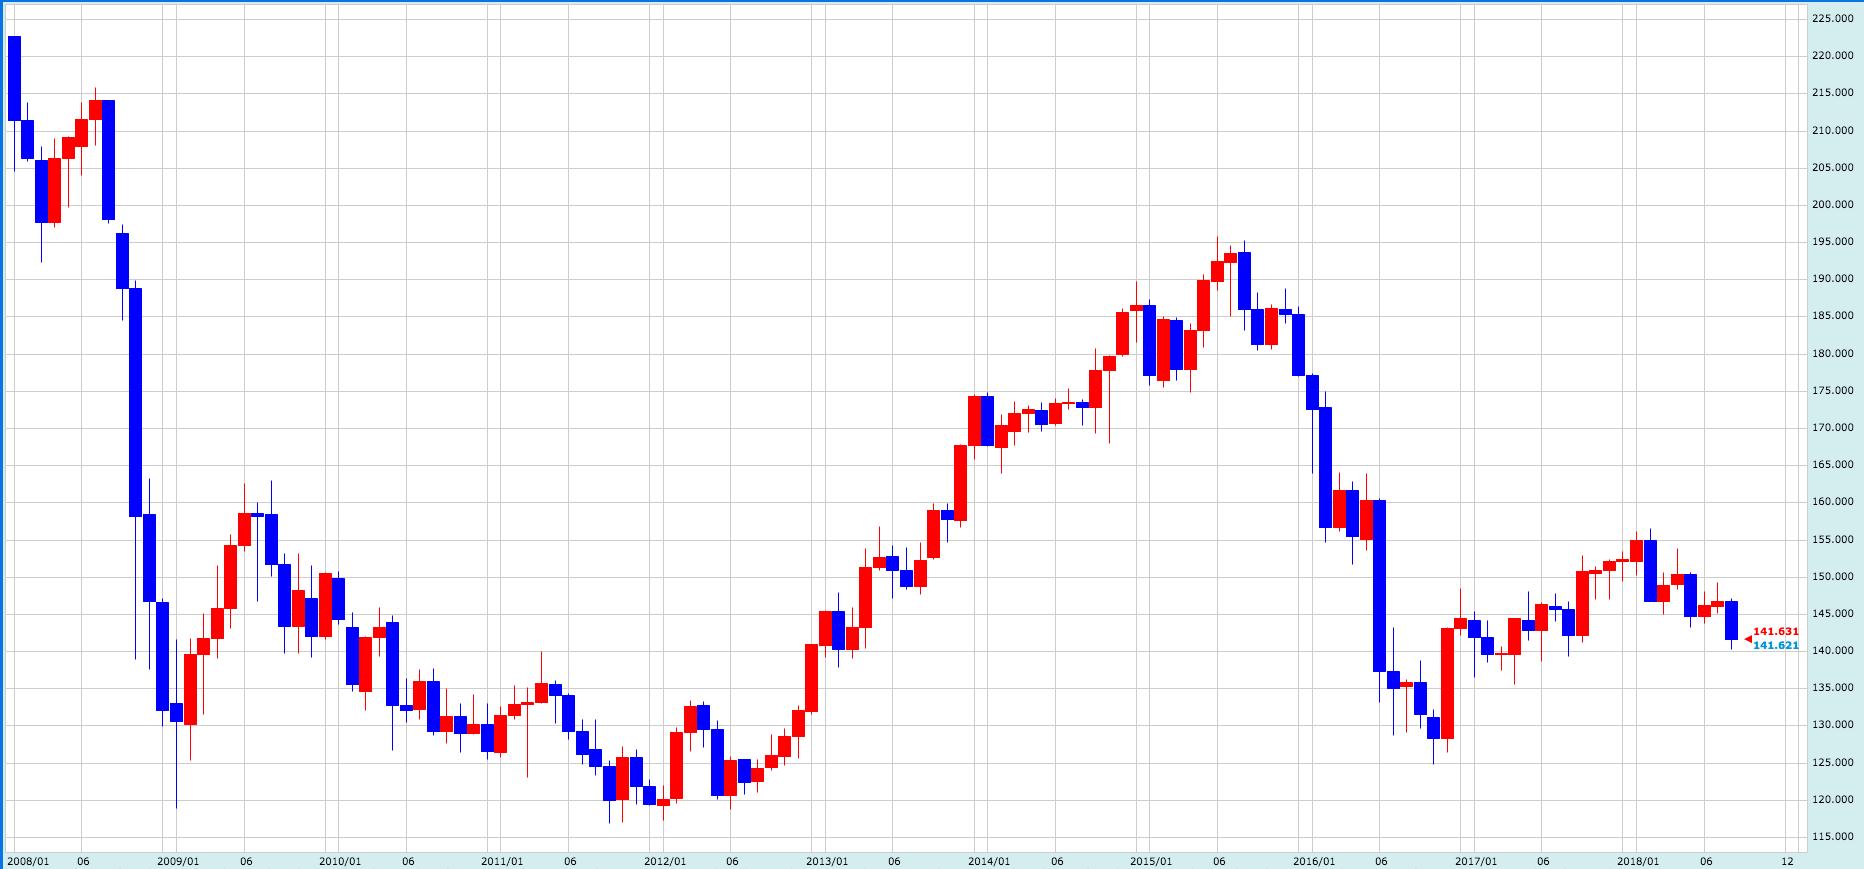 ポンド円過去10年間のチャート